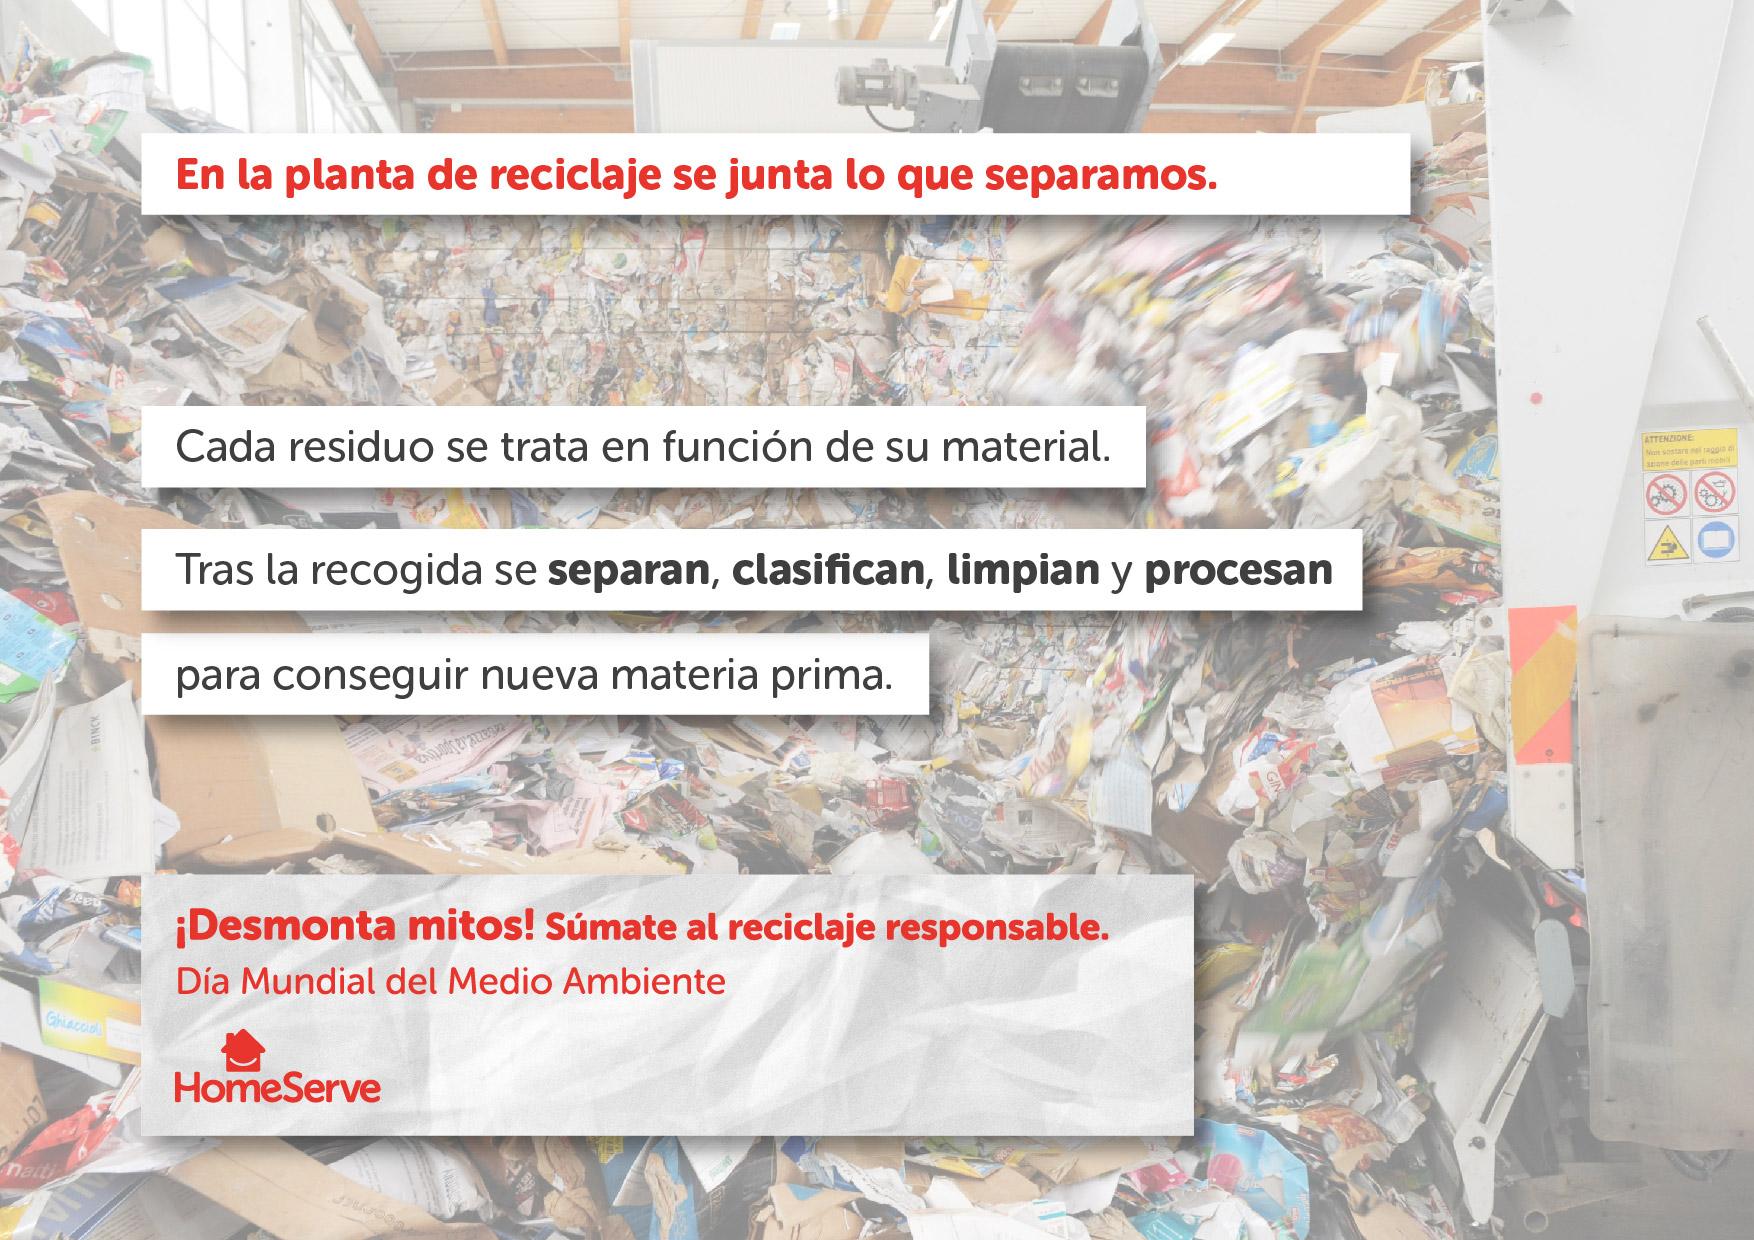 Aprende las mentiras y las verdades sobre el reciclaje para reciclar colaborar mejor a la conservación de nuestro medio ambiente y nuestra calidad de vida, descubriendo los grandes bulos y mitos falsos del proceso de reciclar, con los profesionales de la reparación y el mantenimiento del hogar de HomeServe España.